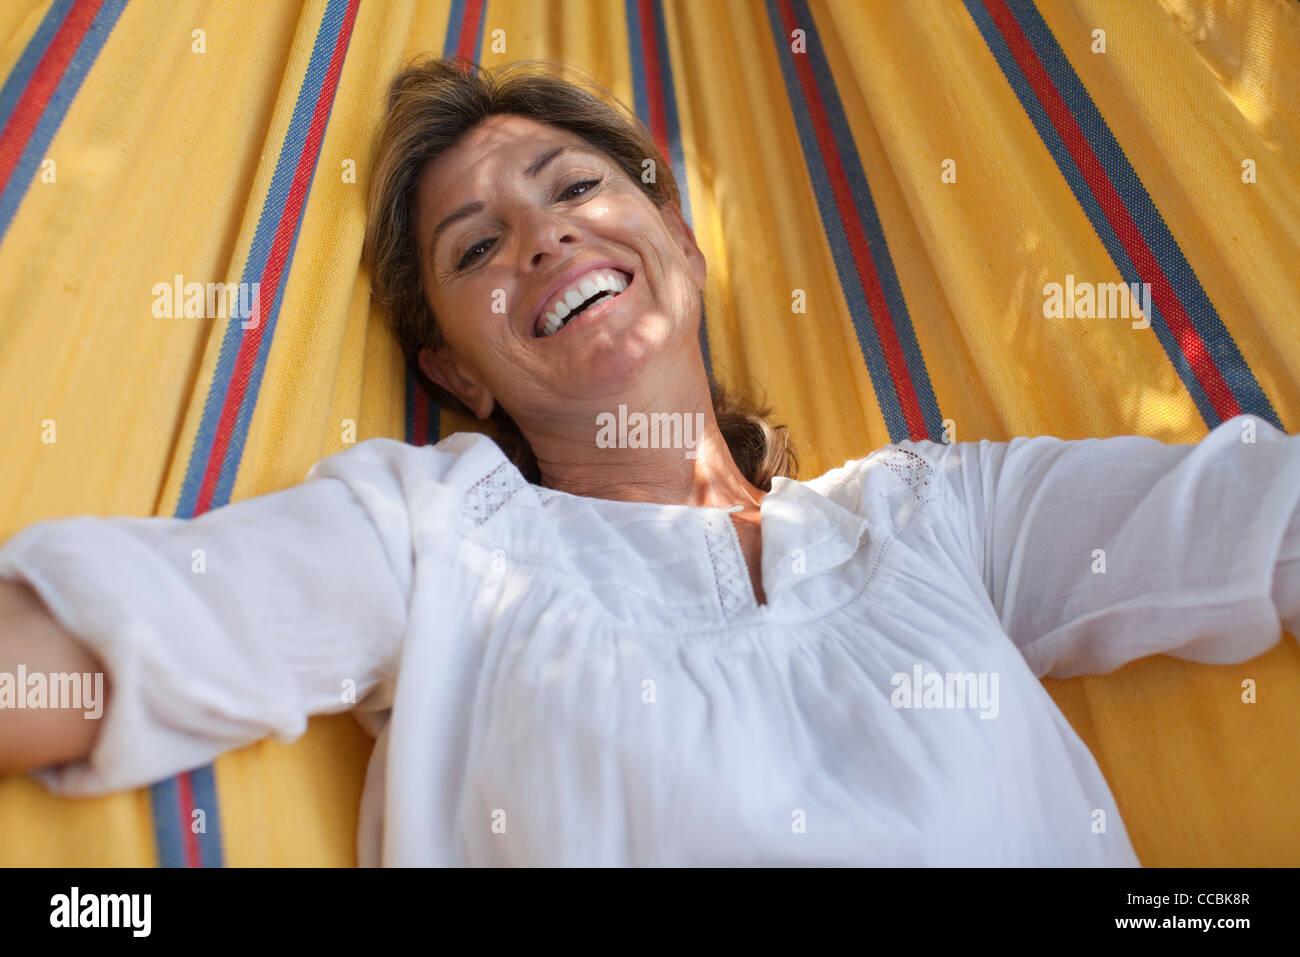 Woman relaxing in hammock, portrait - Stock Image